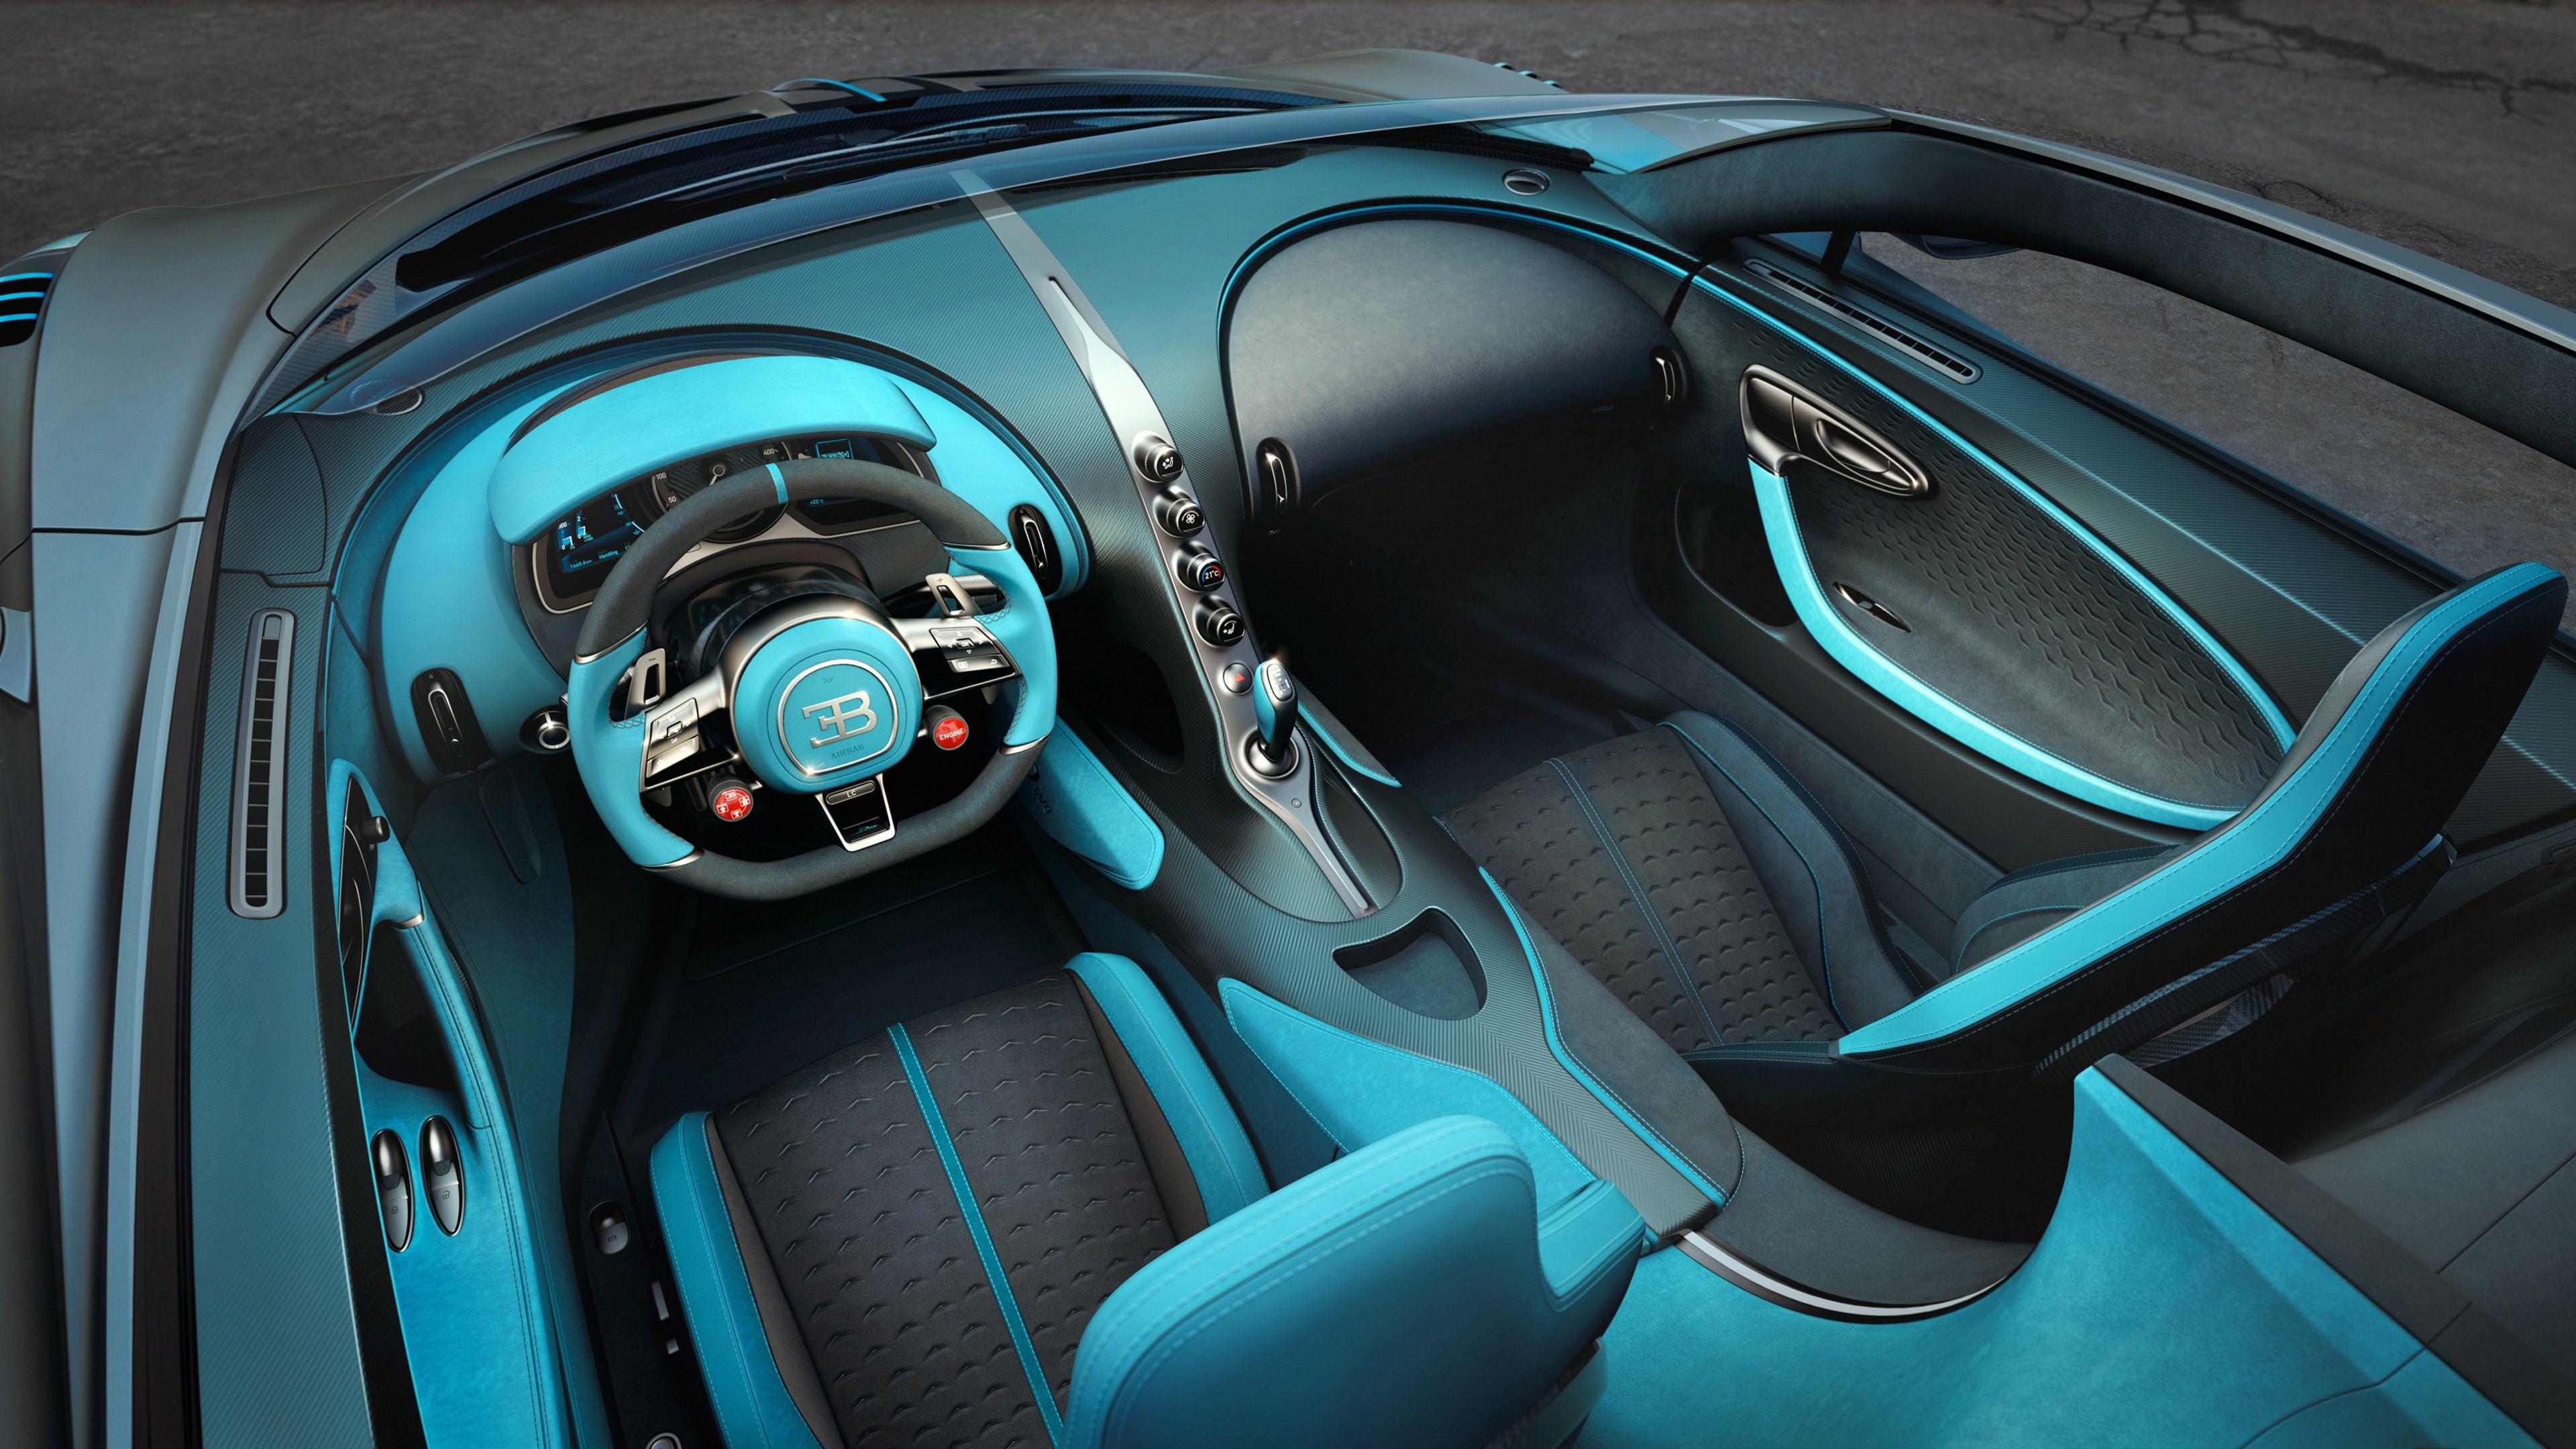 Bugatti Divo Interior 4k Hd Wallpapers Cars Wallpapers Bugatti Wallpapers Bugatti Divo Wallpapers 4k Wallpapers Bugatti Divo Bugatti Divo Interior Bugatti